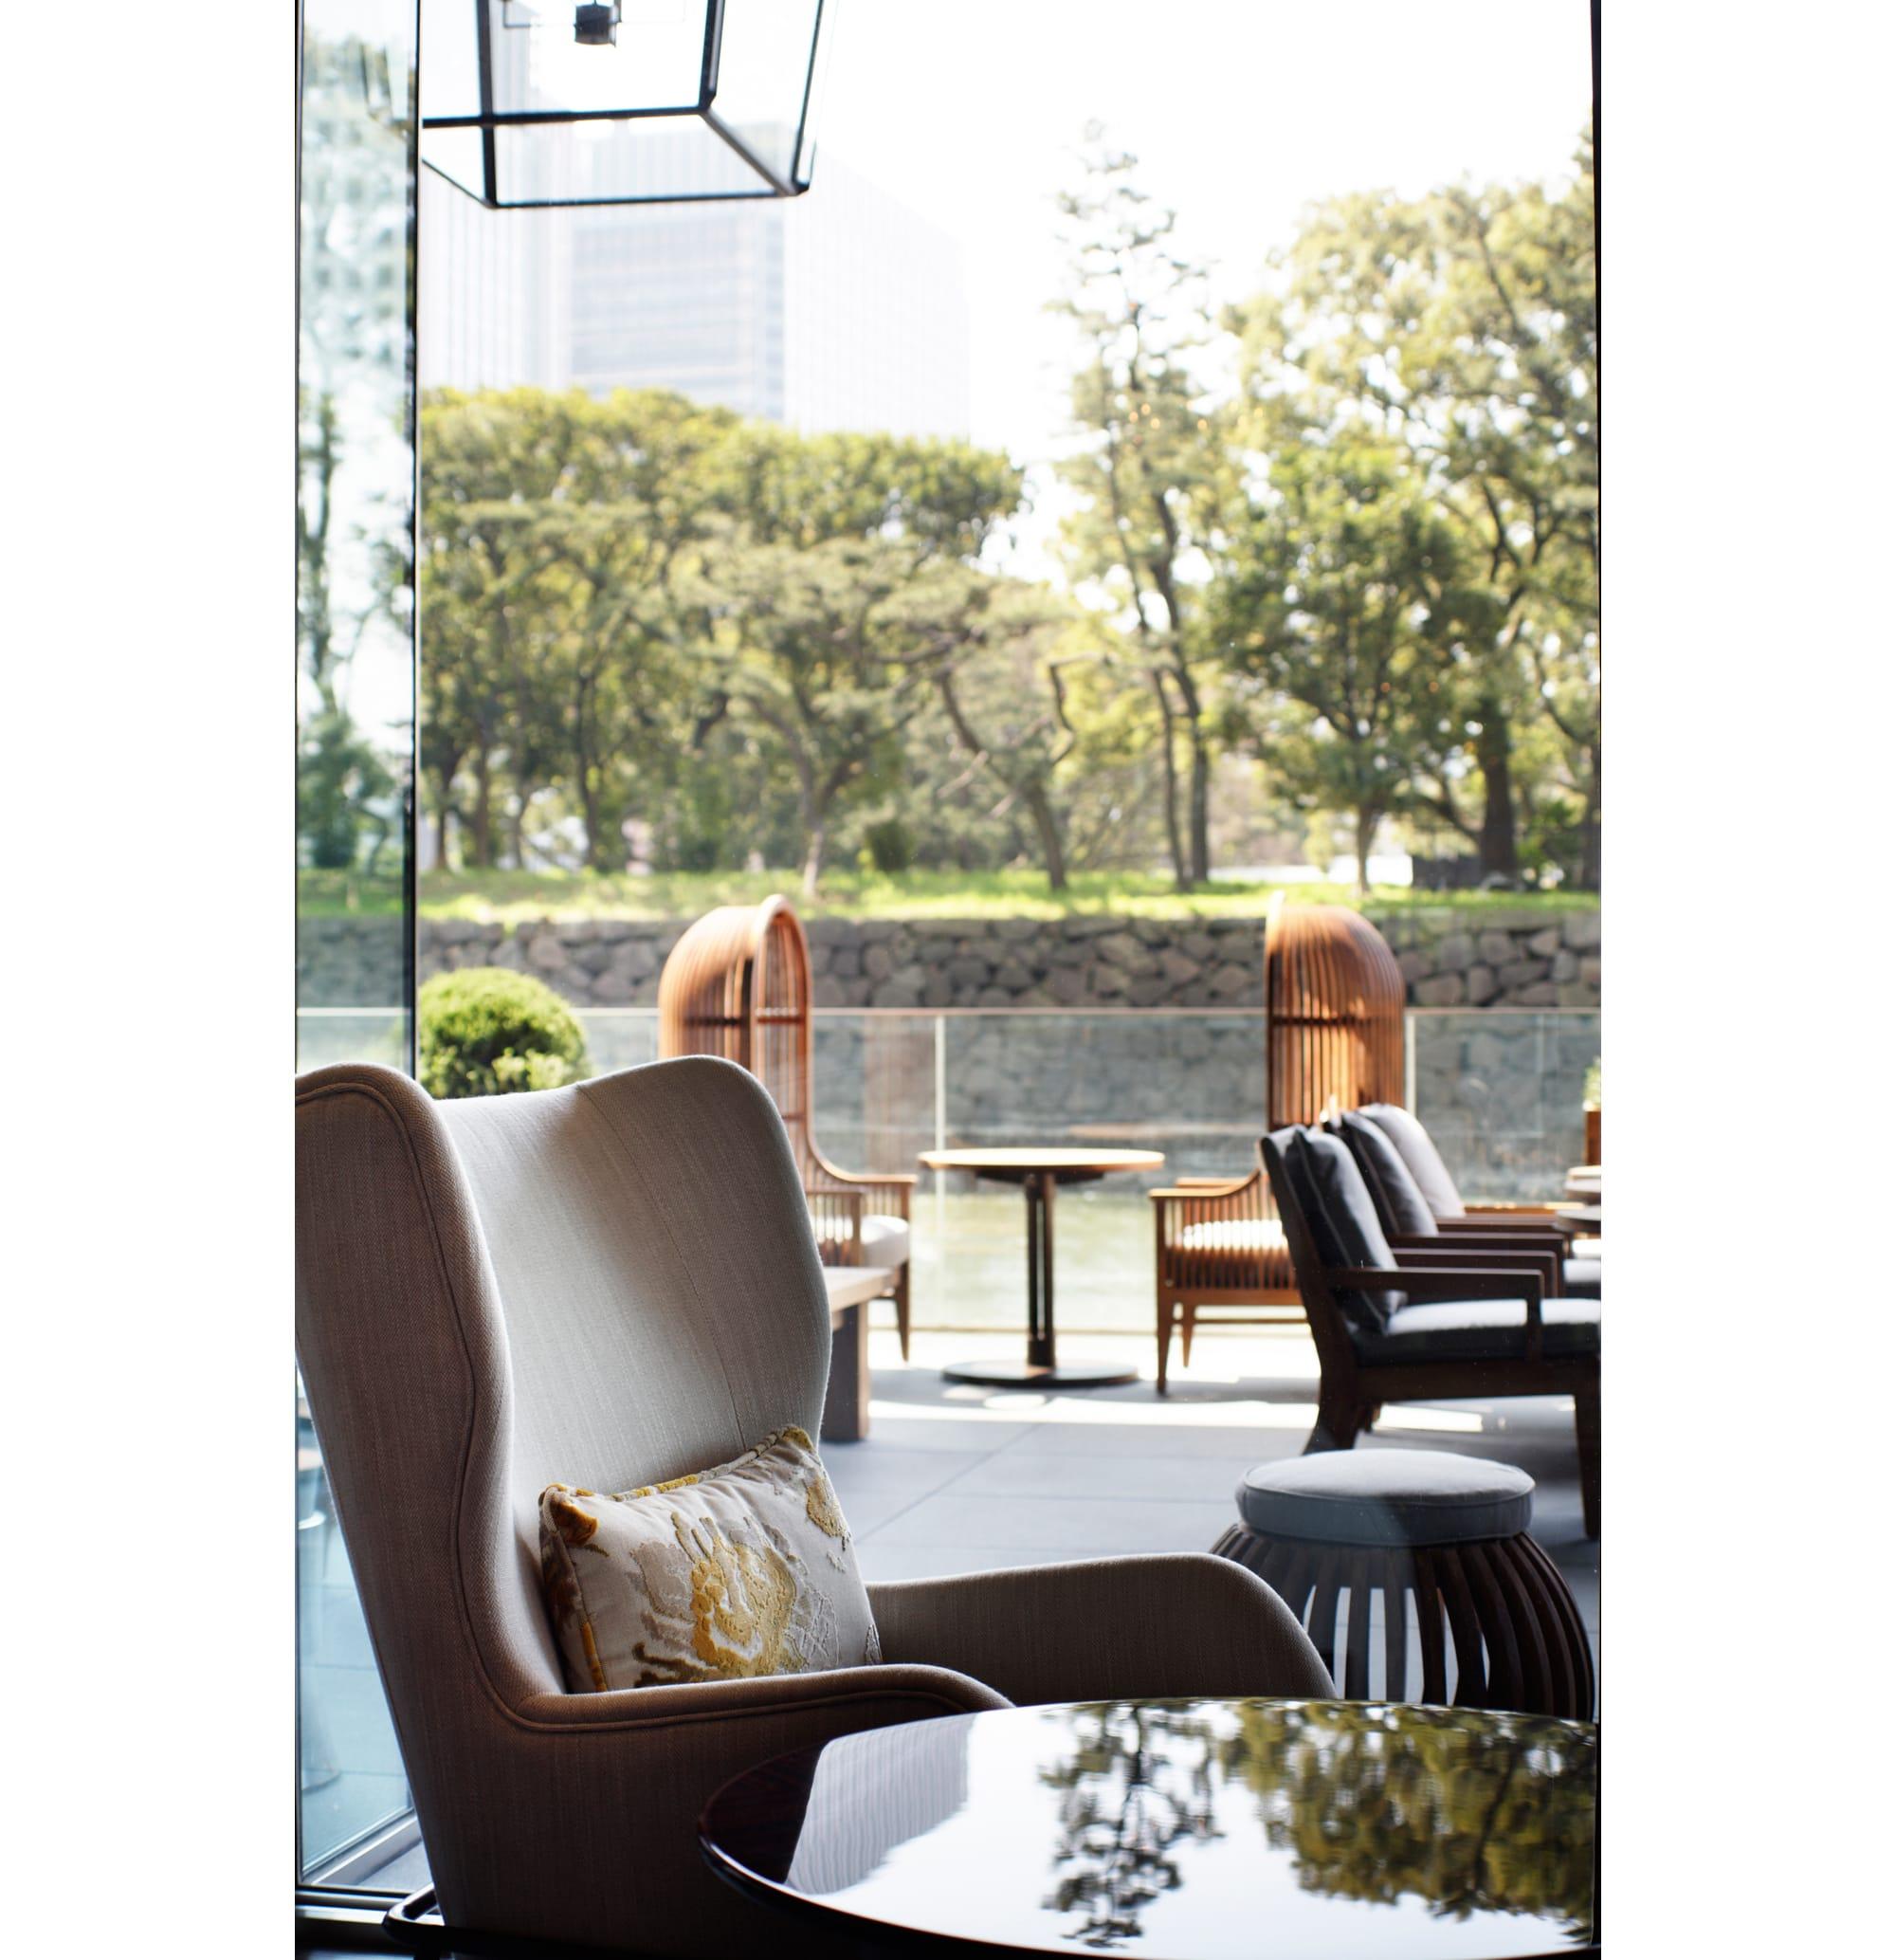 「ザ パレス ラウンジ」は、自宅のリビングのようにくつろげる空間。窓の外にはお濠の水と緑が眺められる。